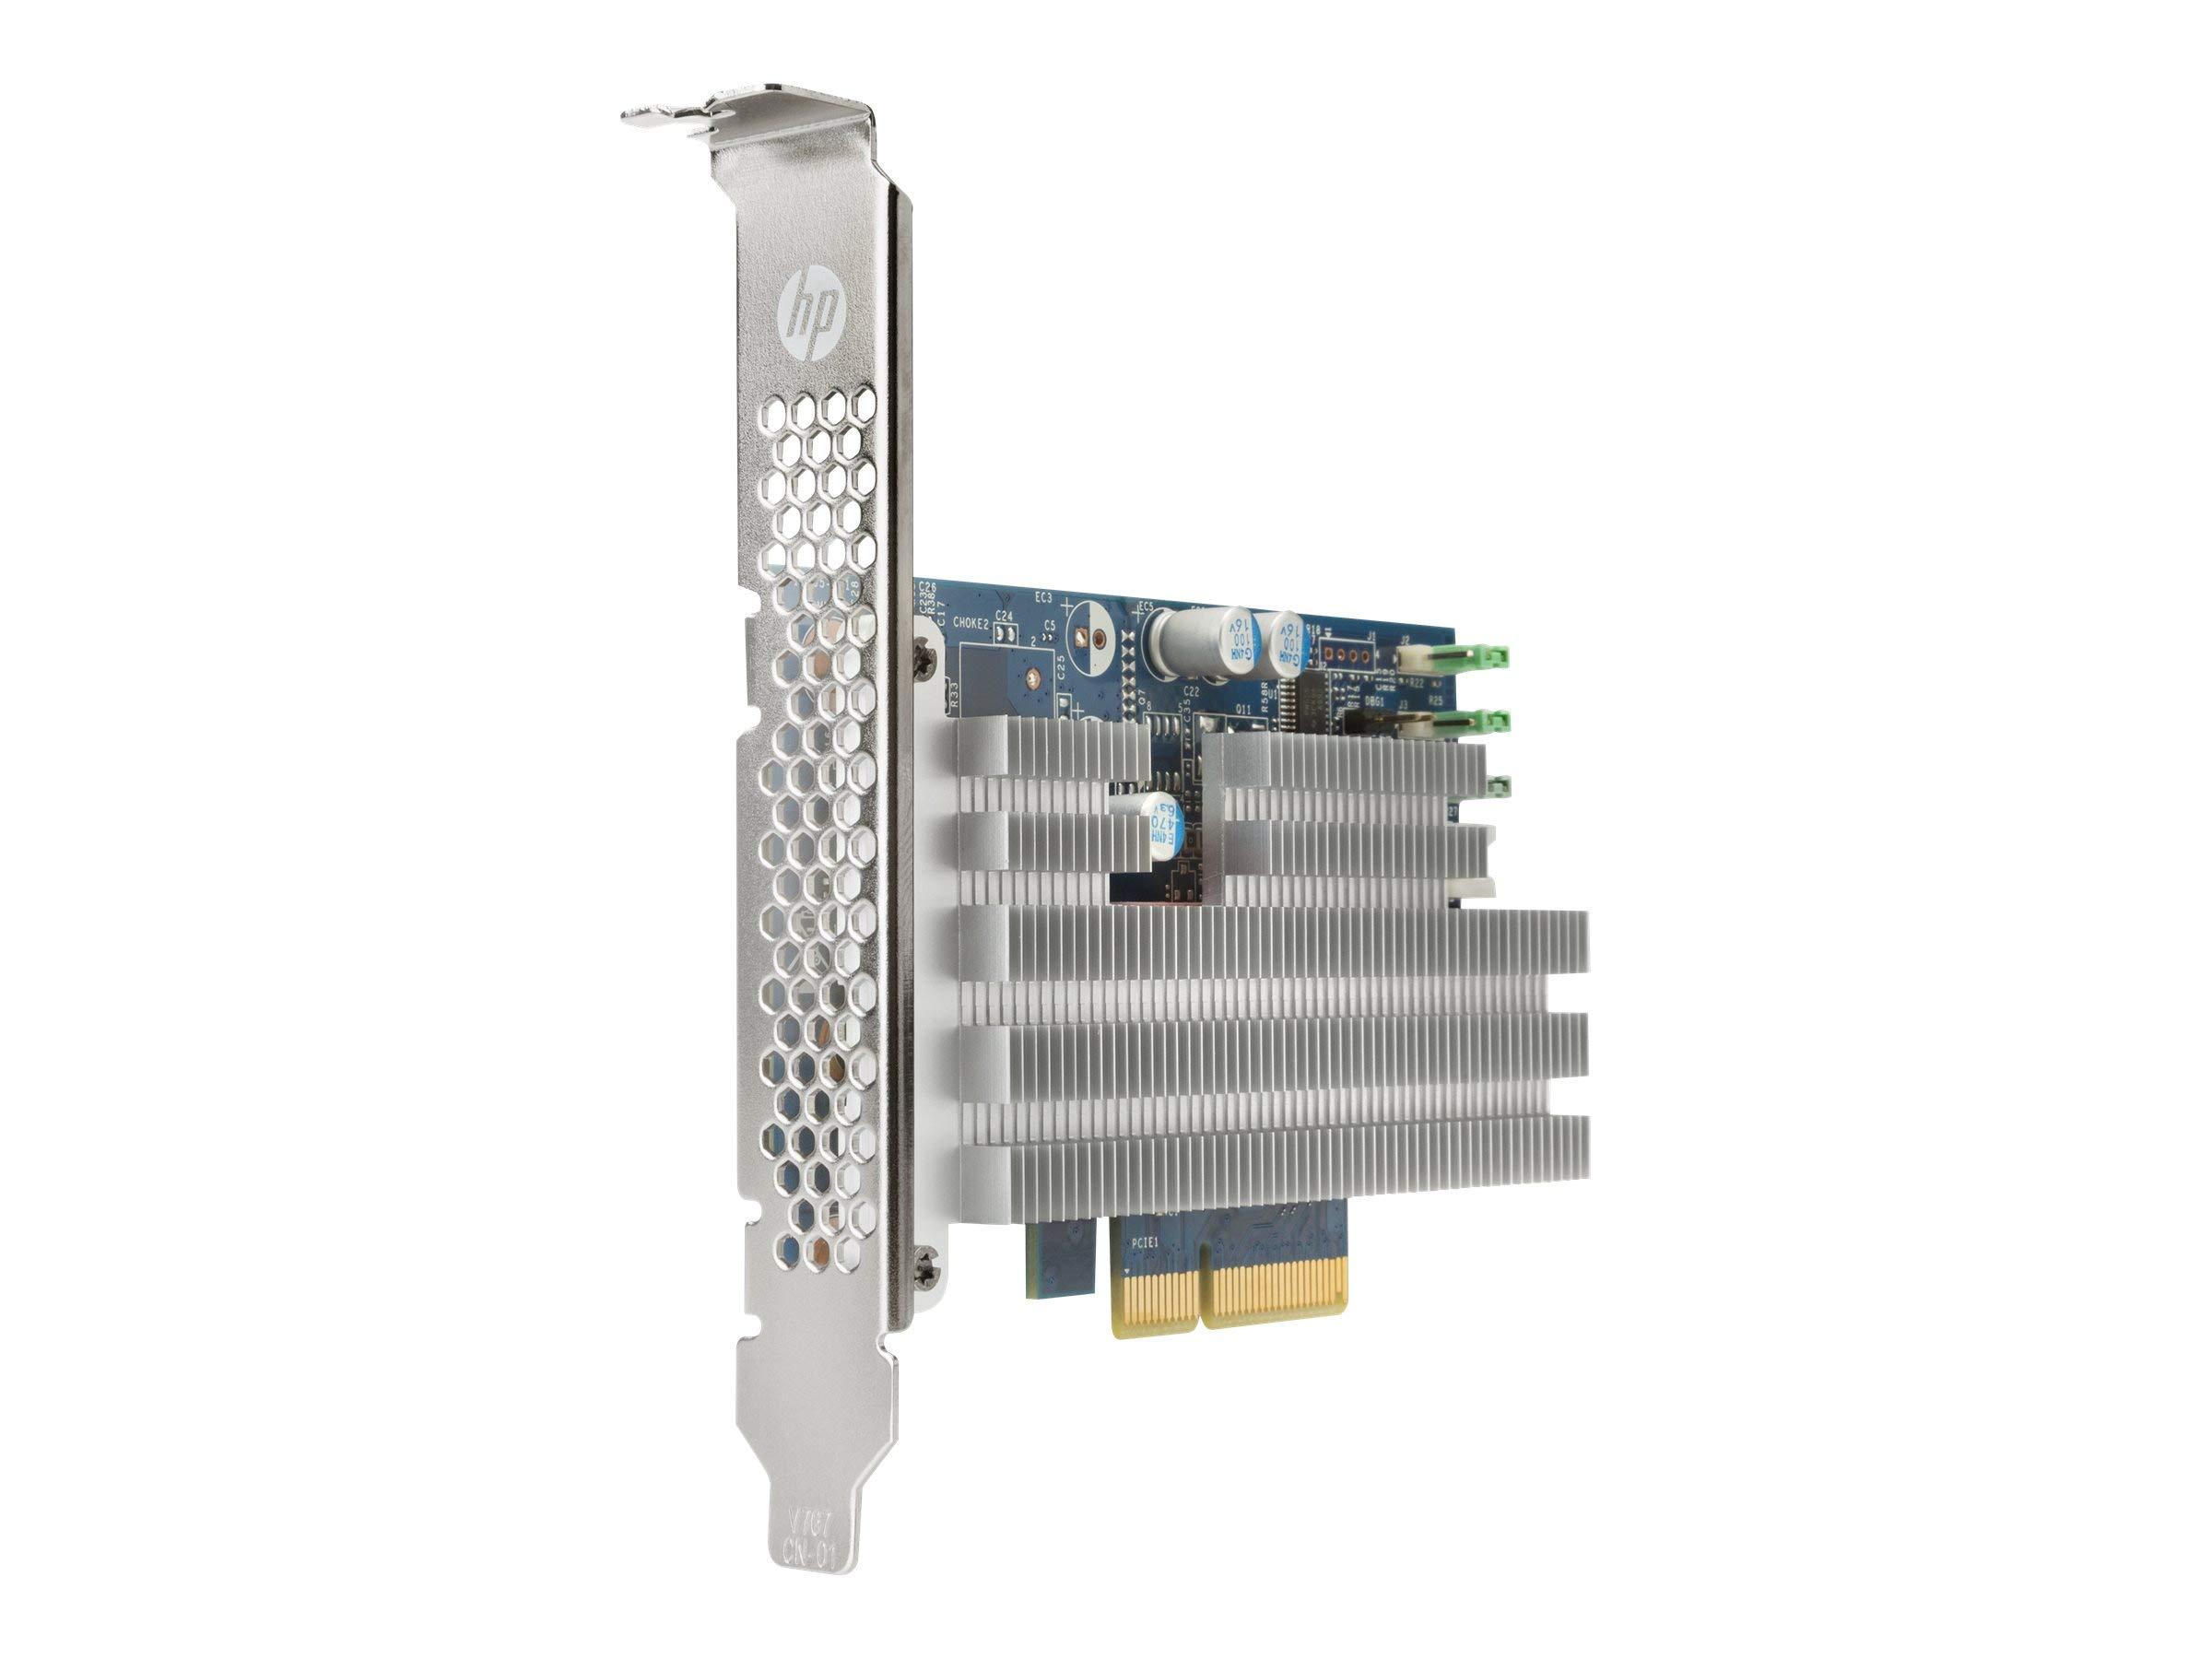 M.2 512GB PCIE Hp Turbo Drive G2 TLC 512Gb M.2 Drv